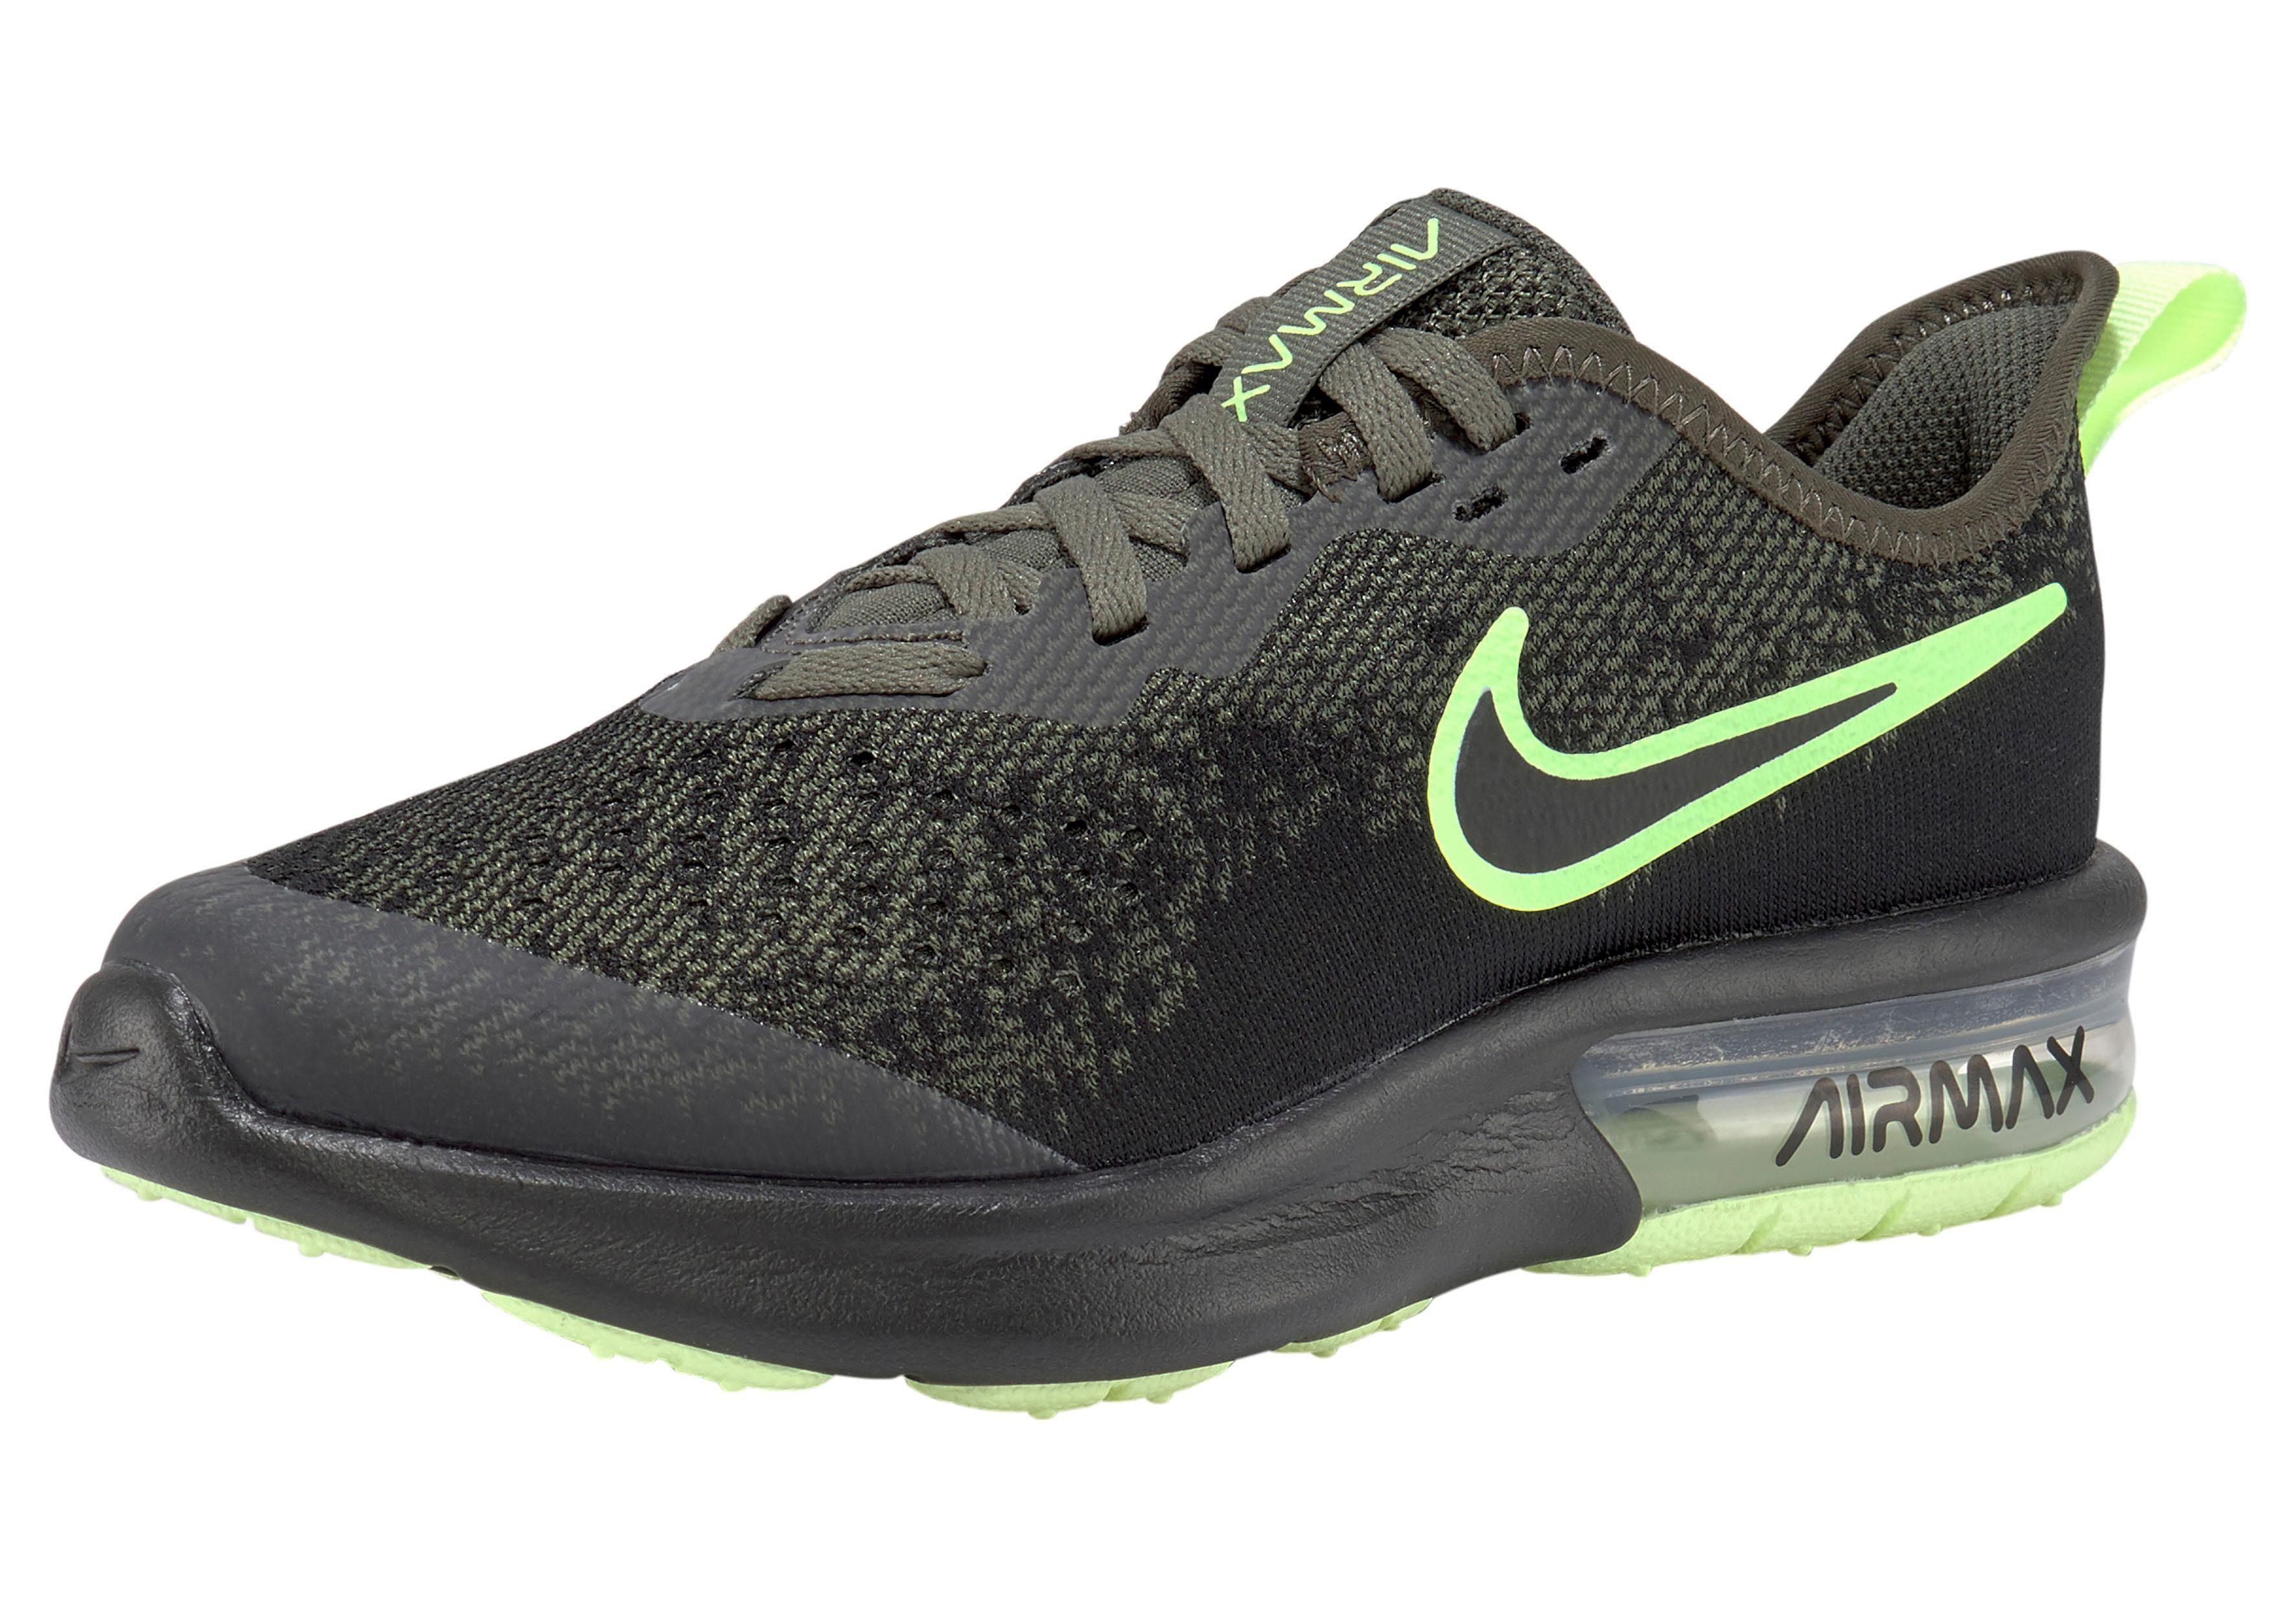 Nike Sportswear »Air Max Sequent 4« Sneaker, Sportiver Sneaker von Nike online kaufen | OTTO